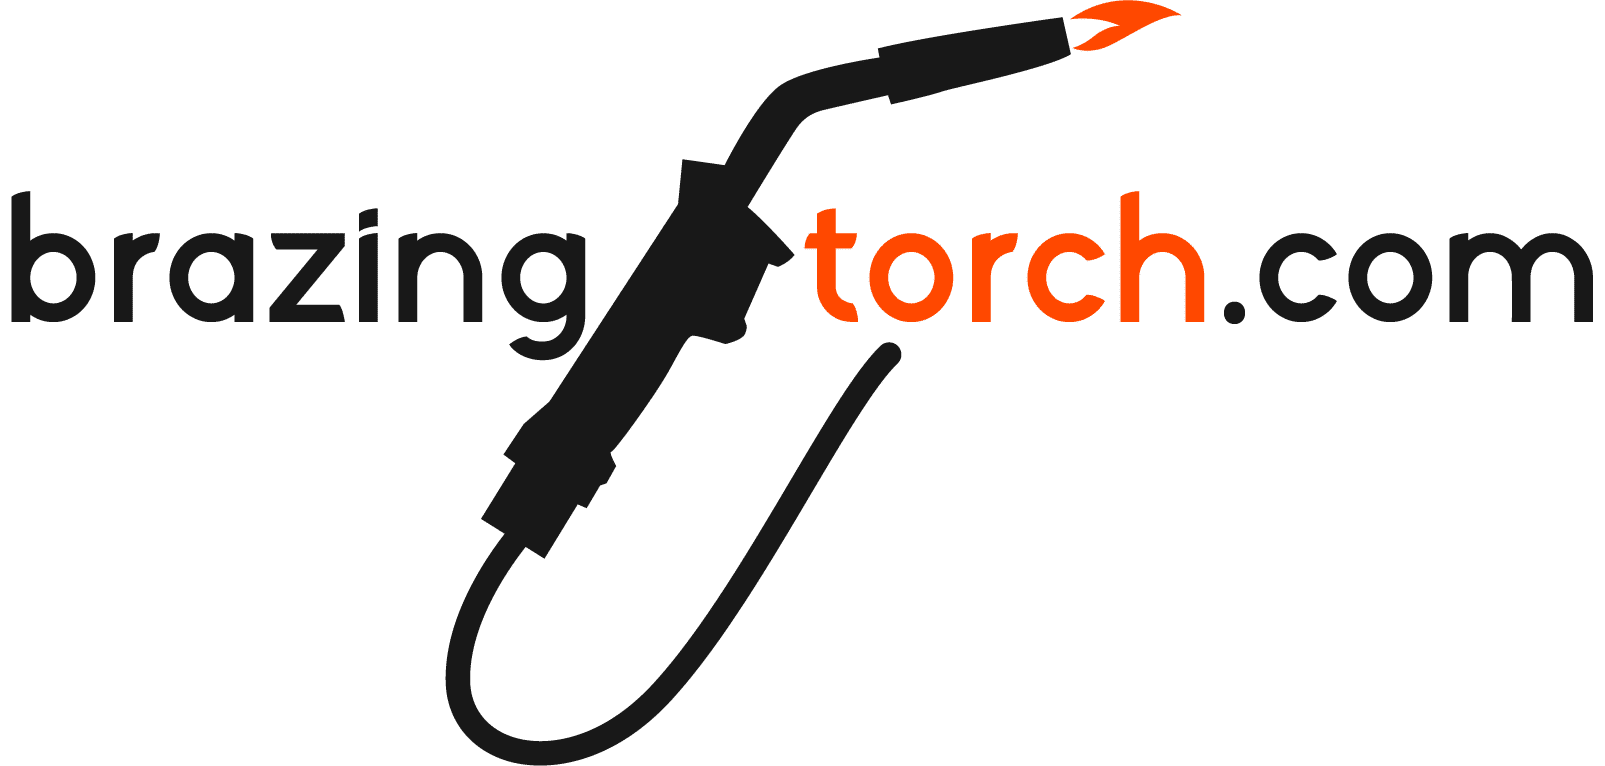 Brazing Torch